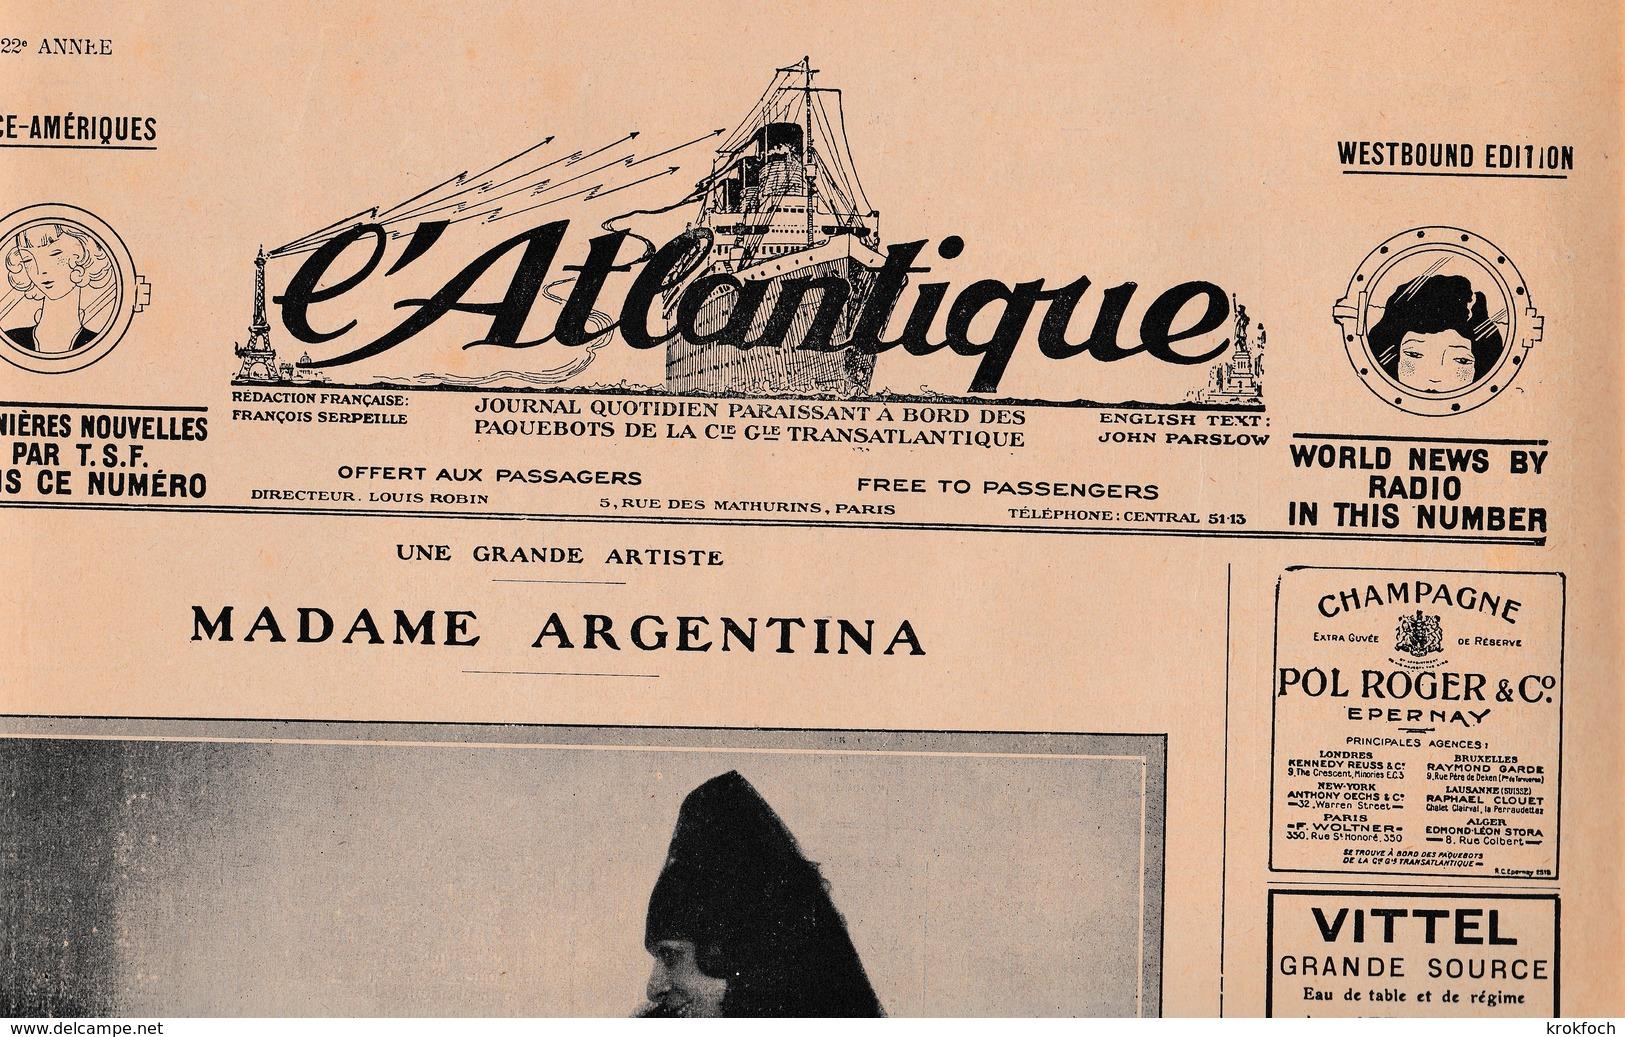 L'Atlantique Journal Quotidien Paquebot CGT 02.1928 - Français & Espagnol - Actualités Par TSF - Autres